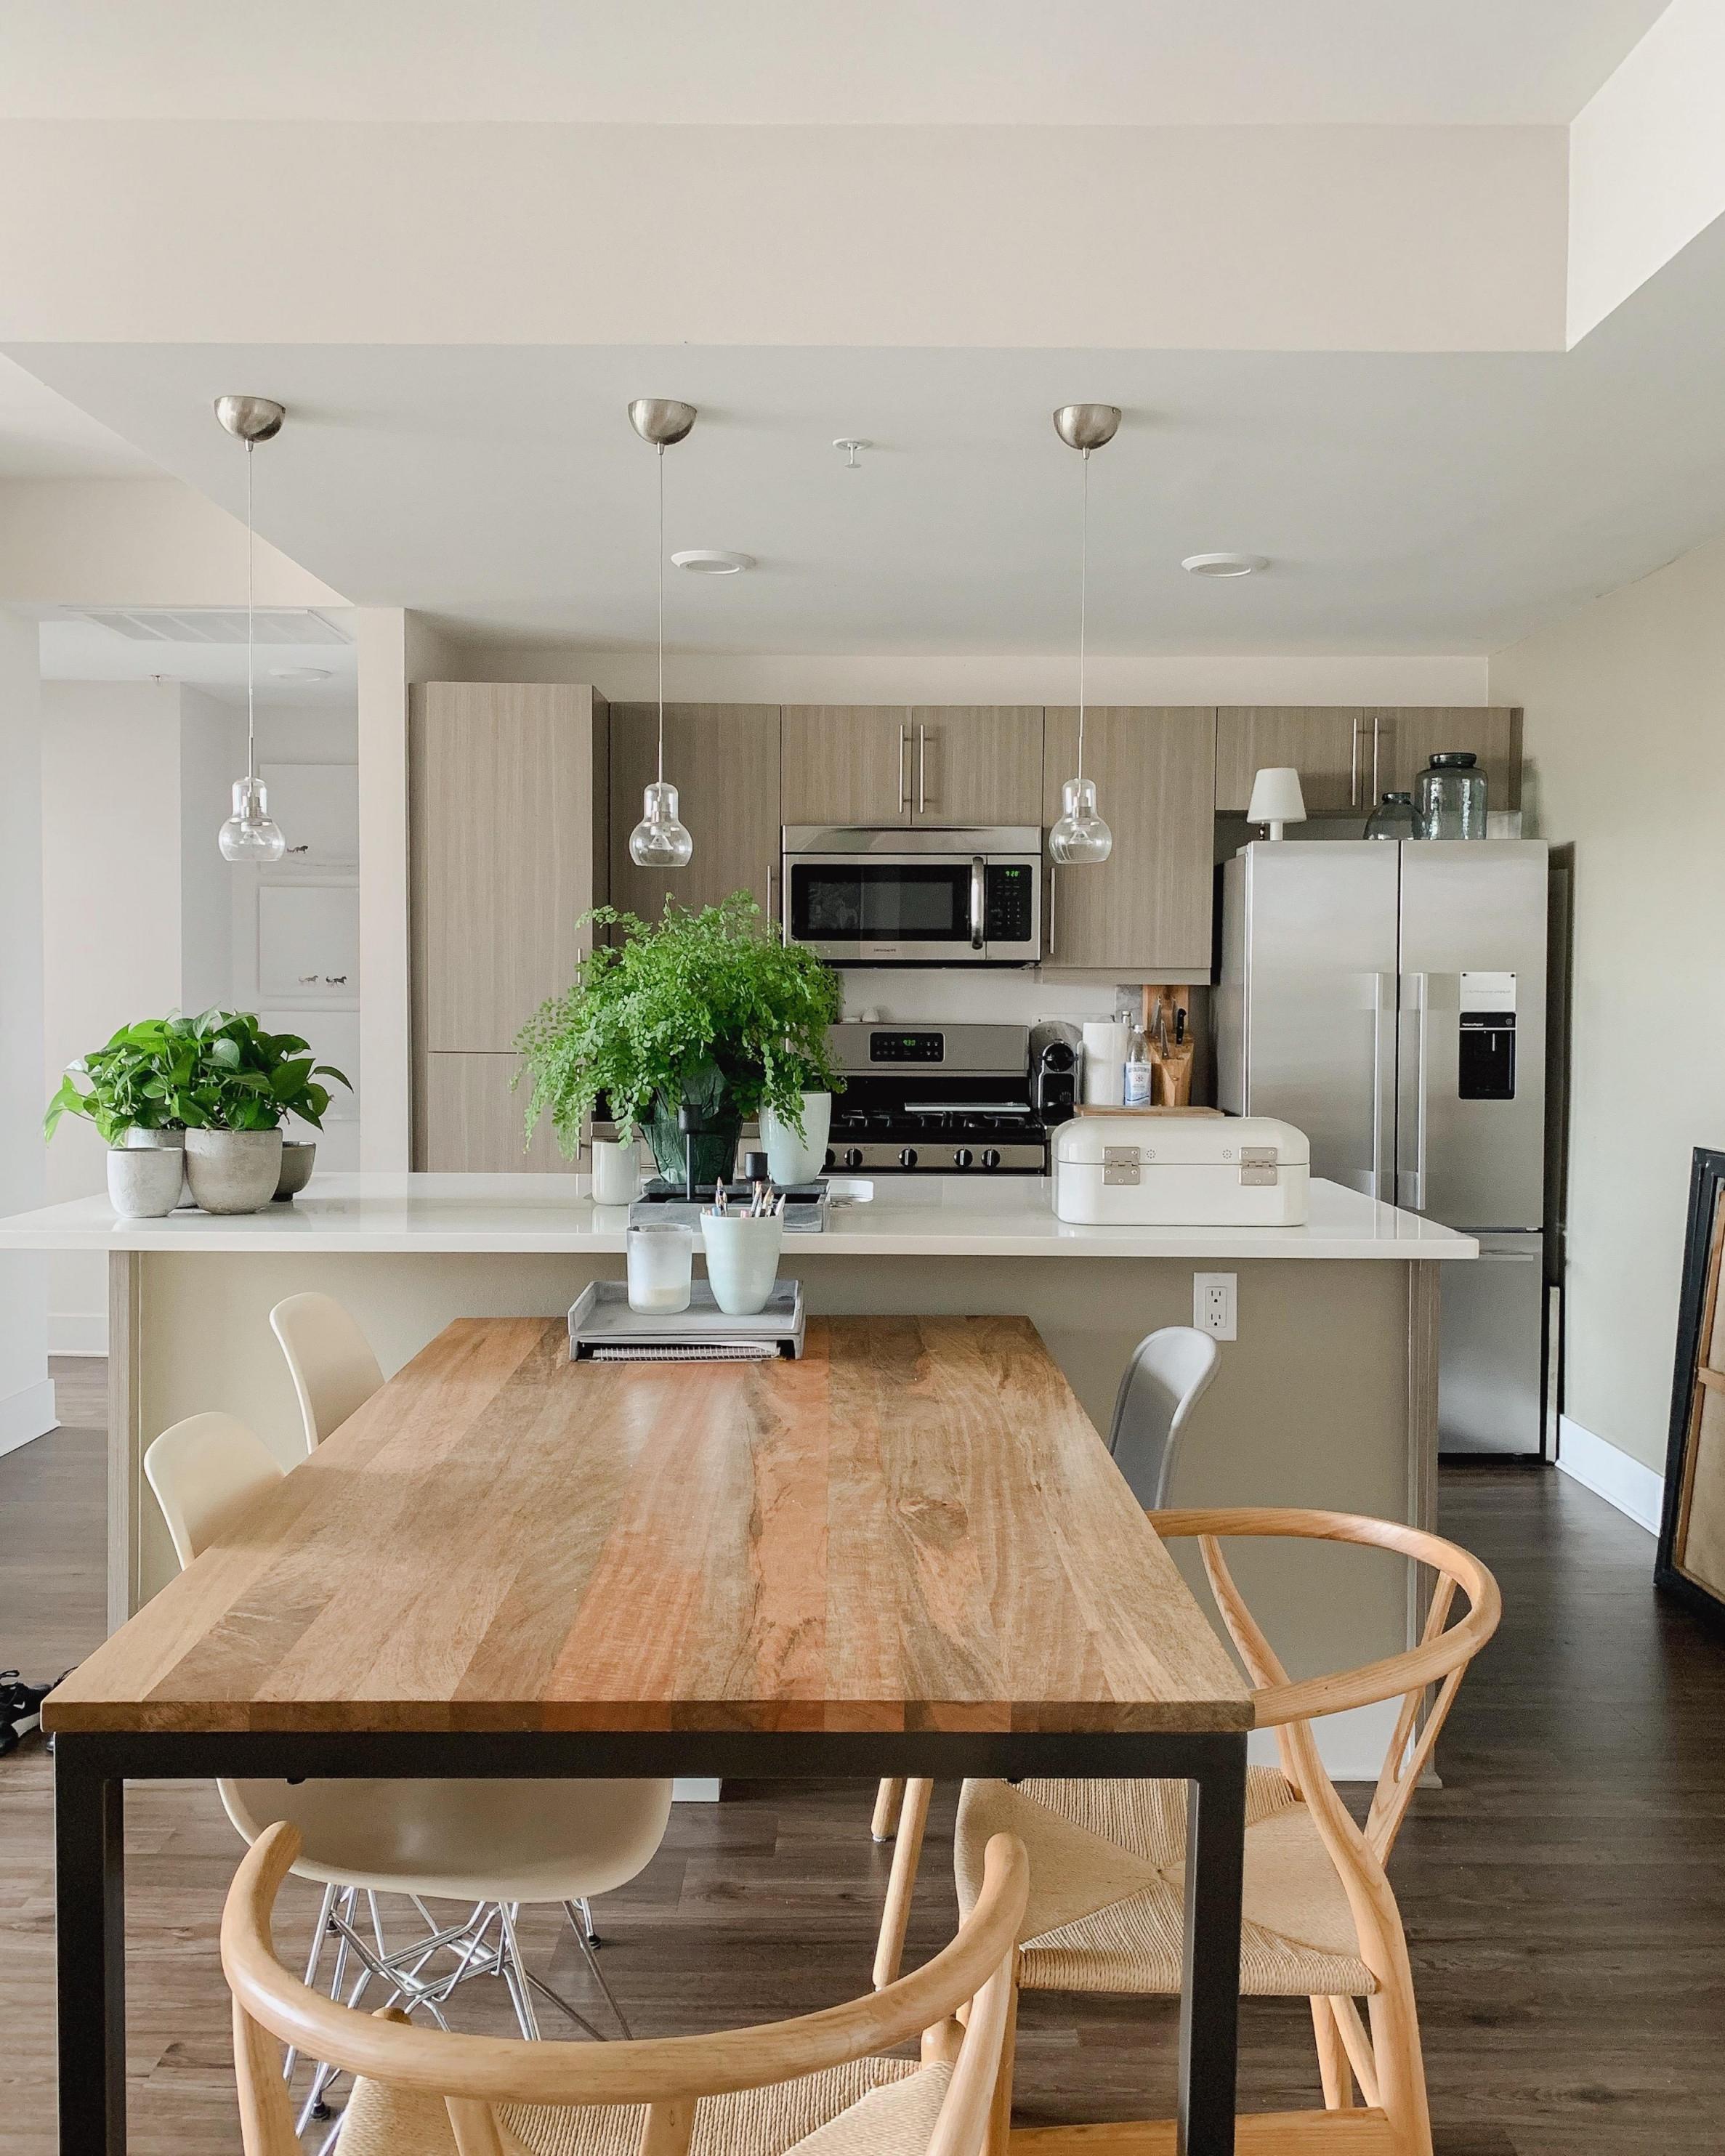 Offene Kücheideen So Schön Können Wohnküchen Sein von Offenes Wohnzimmer Gestalten Bild